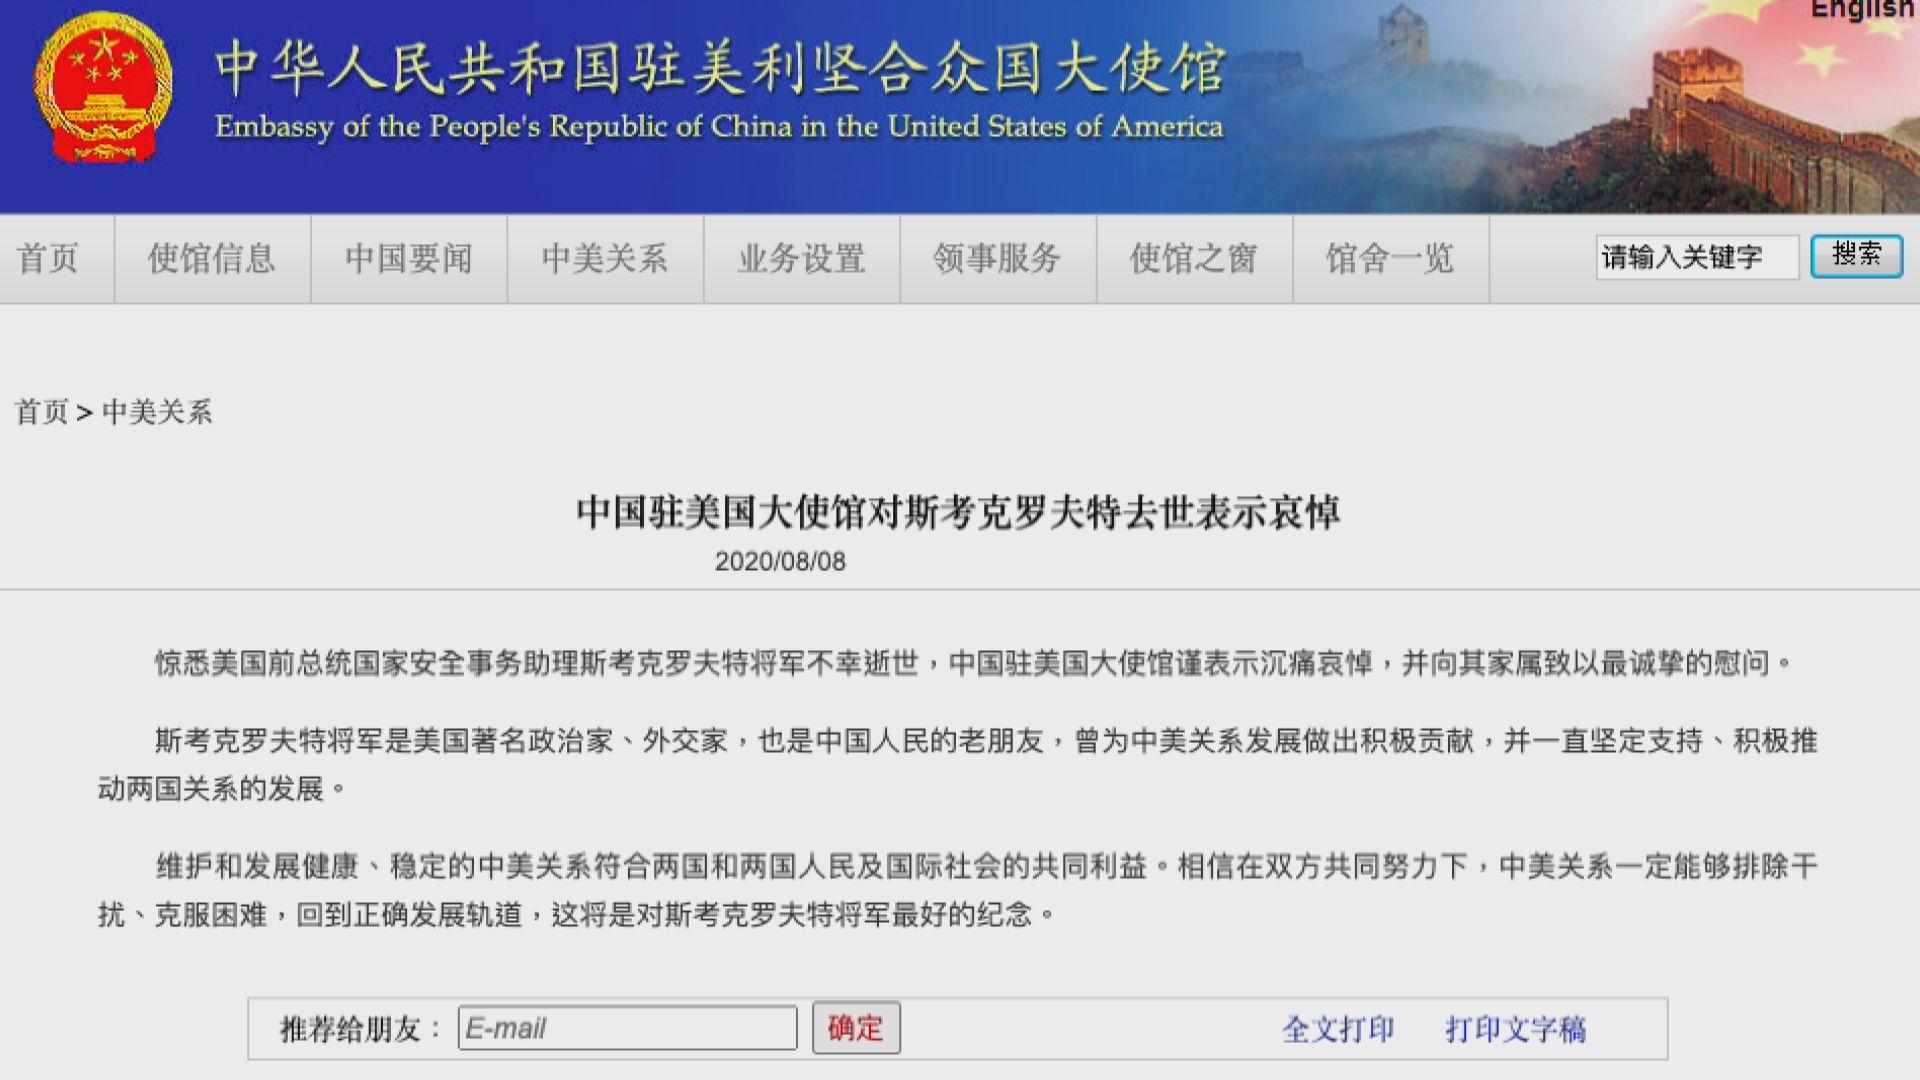 中國駐美大使館對斯考克羅夫特離世表示沉痛哀悼